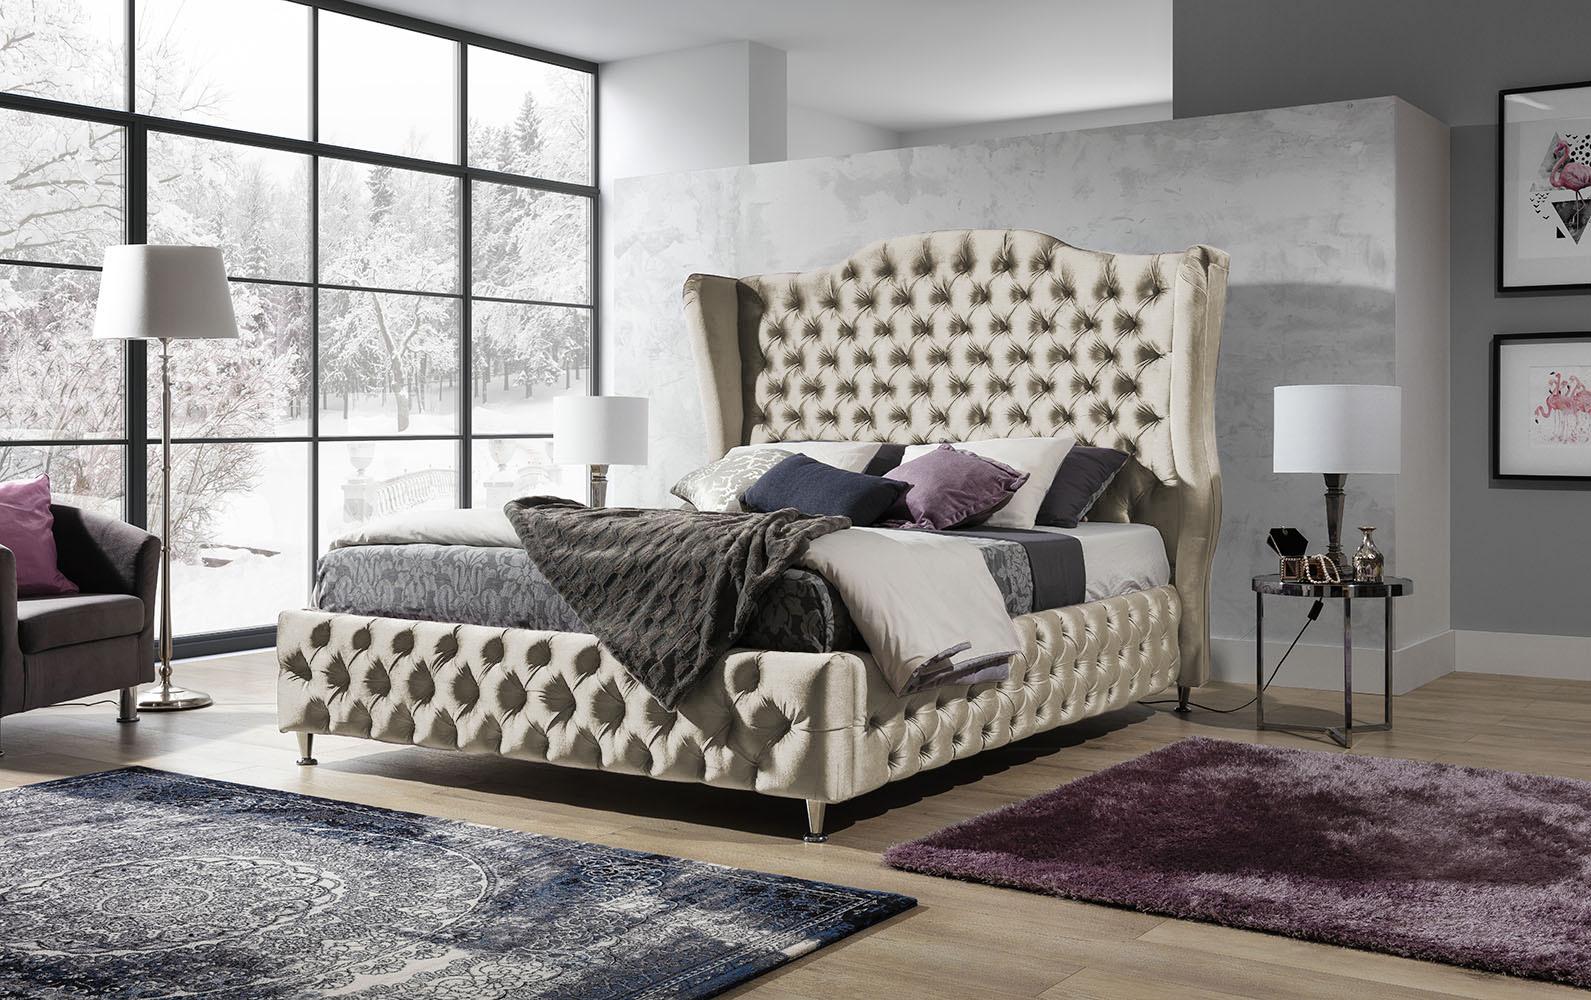 Łóżko tapicerowane BARON pikowane chesterfield w stylu Glamour